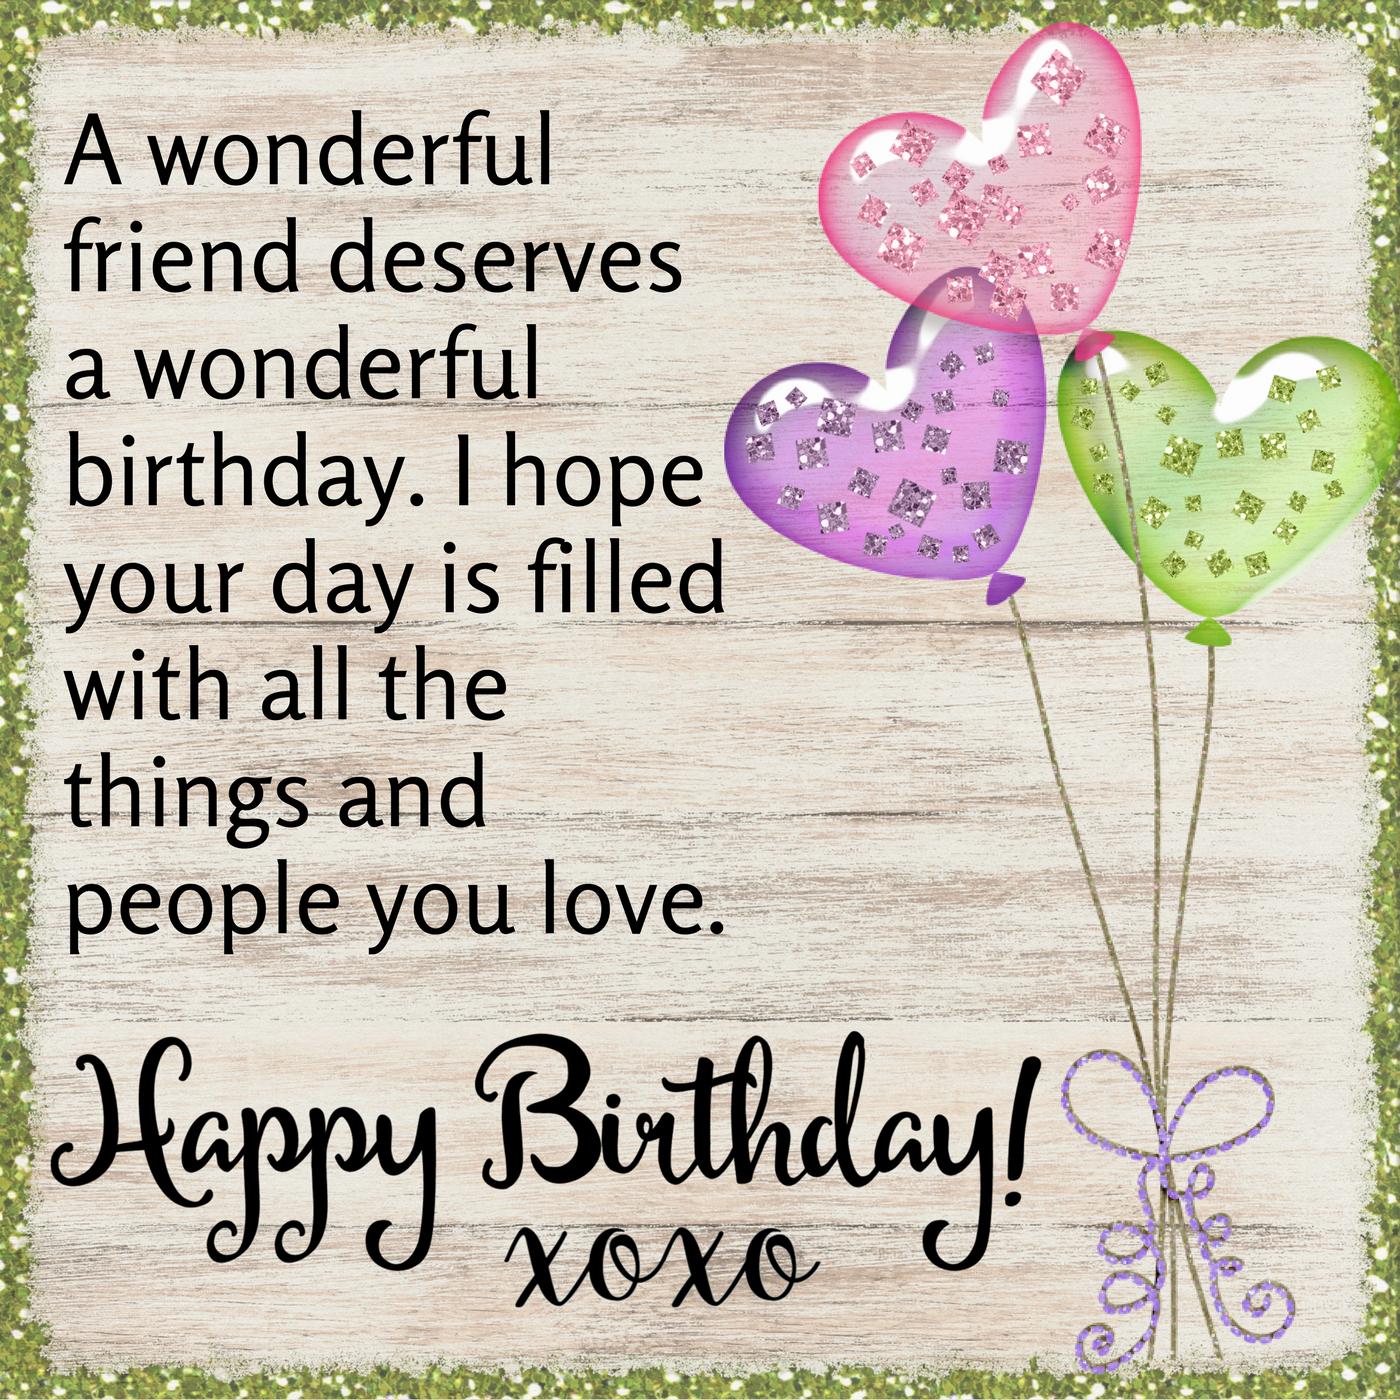 Happybirthday Birthday Birthdaywishes Wonderful Friend Birthday Celebration Quotes Happy Birthday Wishes Quotes Happy Birthday Greetings Friends